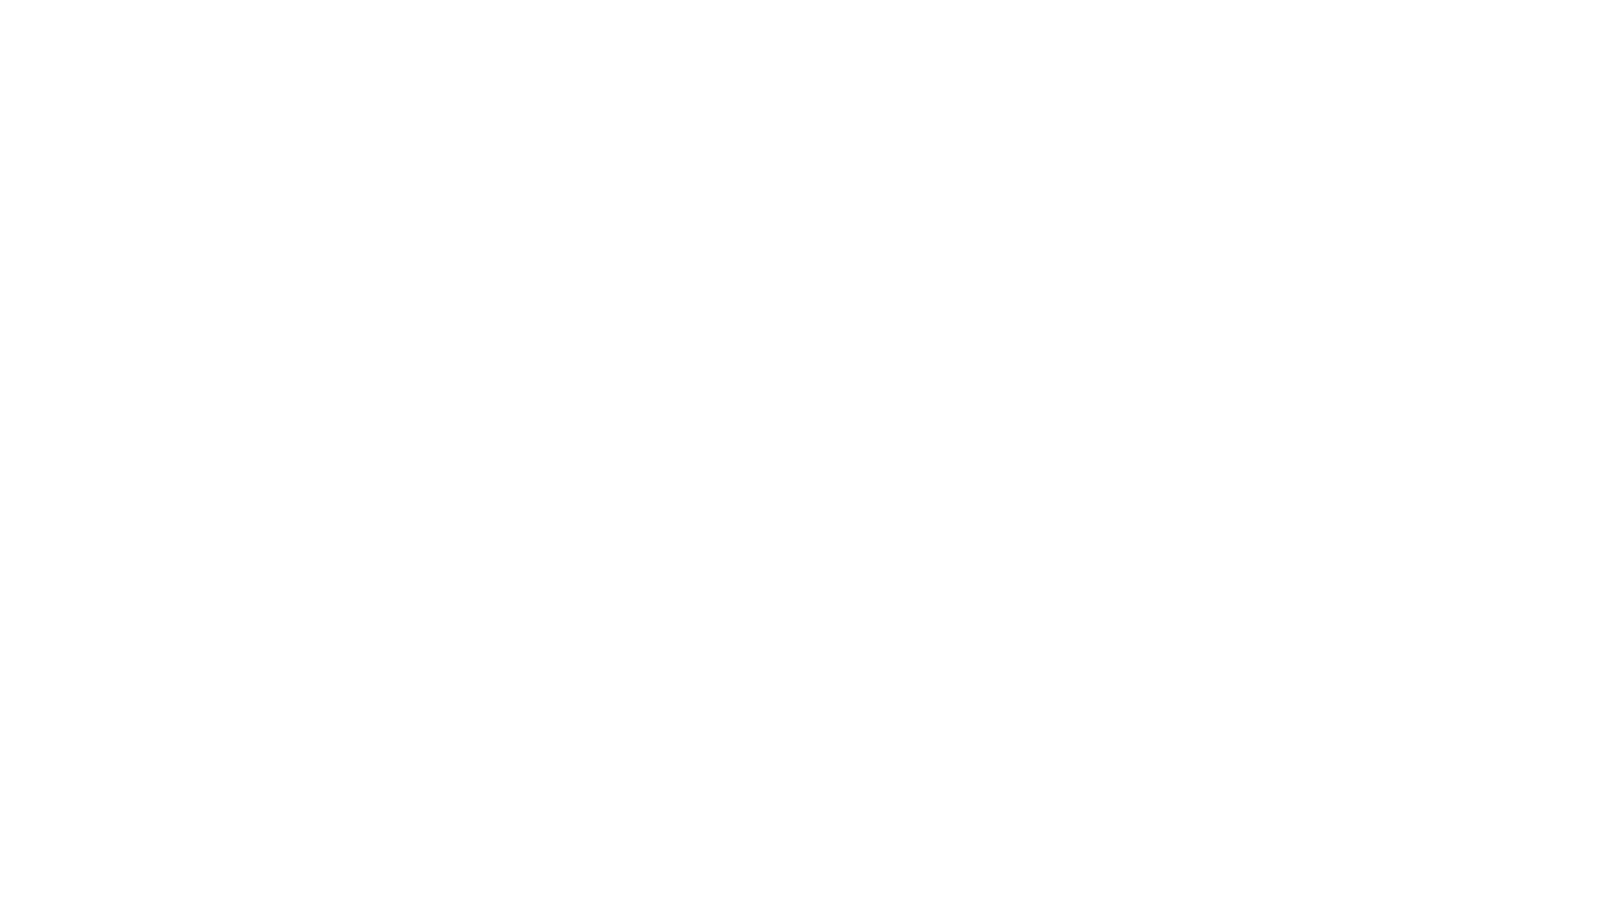 Le audionews di Ondawebtv #lenotizieinpositivo 3 giugno *L' Italia riapre. Cadono da oggi le barriere regionali *Giornata mondiale della bicicletta. Un beneficio per la salute *Skiply, l'app per prenotare da casa il tuo posto al sole * Future Labs. Premio Scuola Digitale il 6 giugno con l'Itis Giordani Buon ascolto!